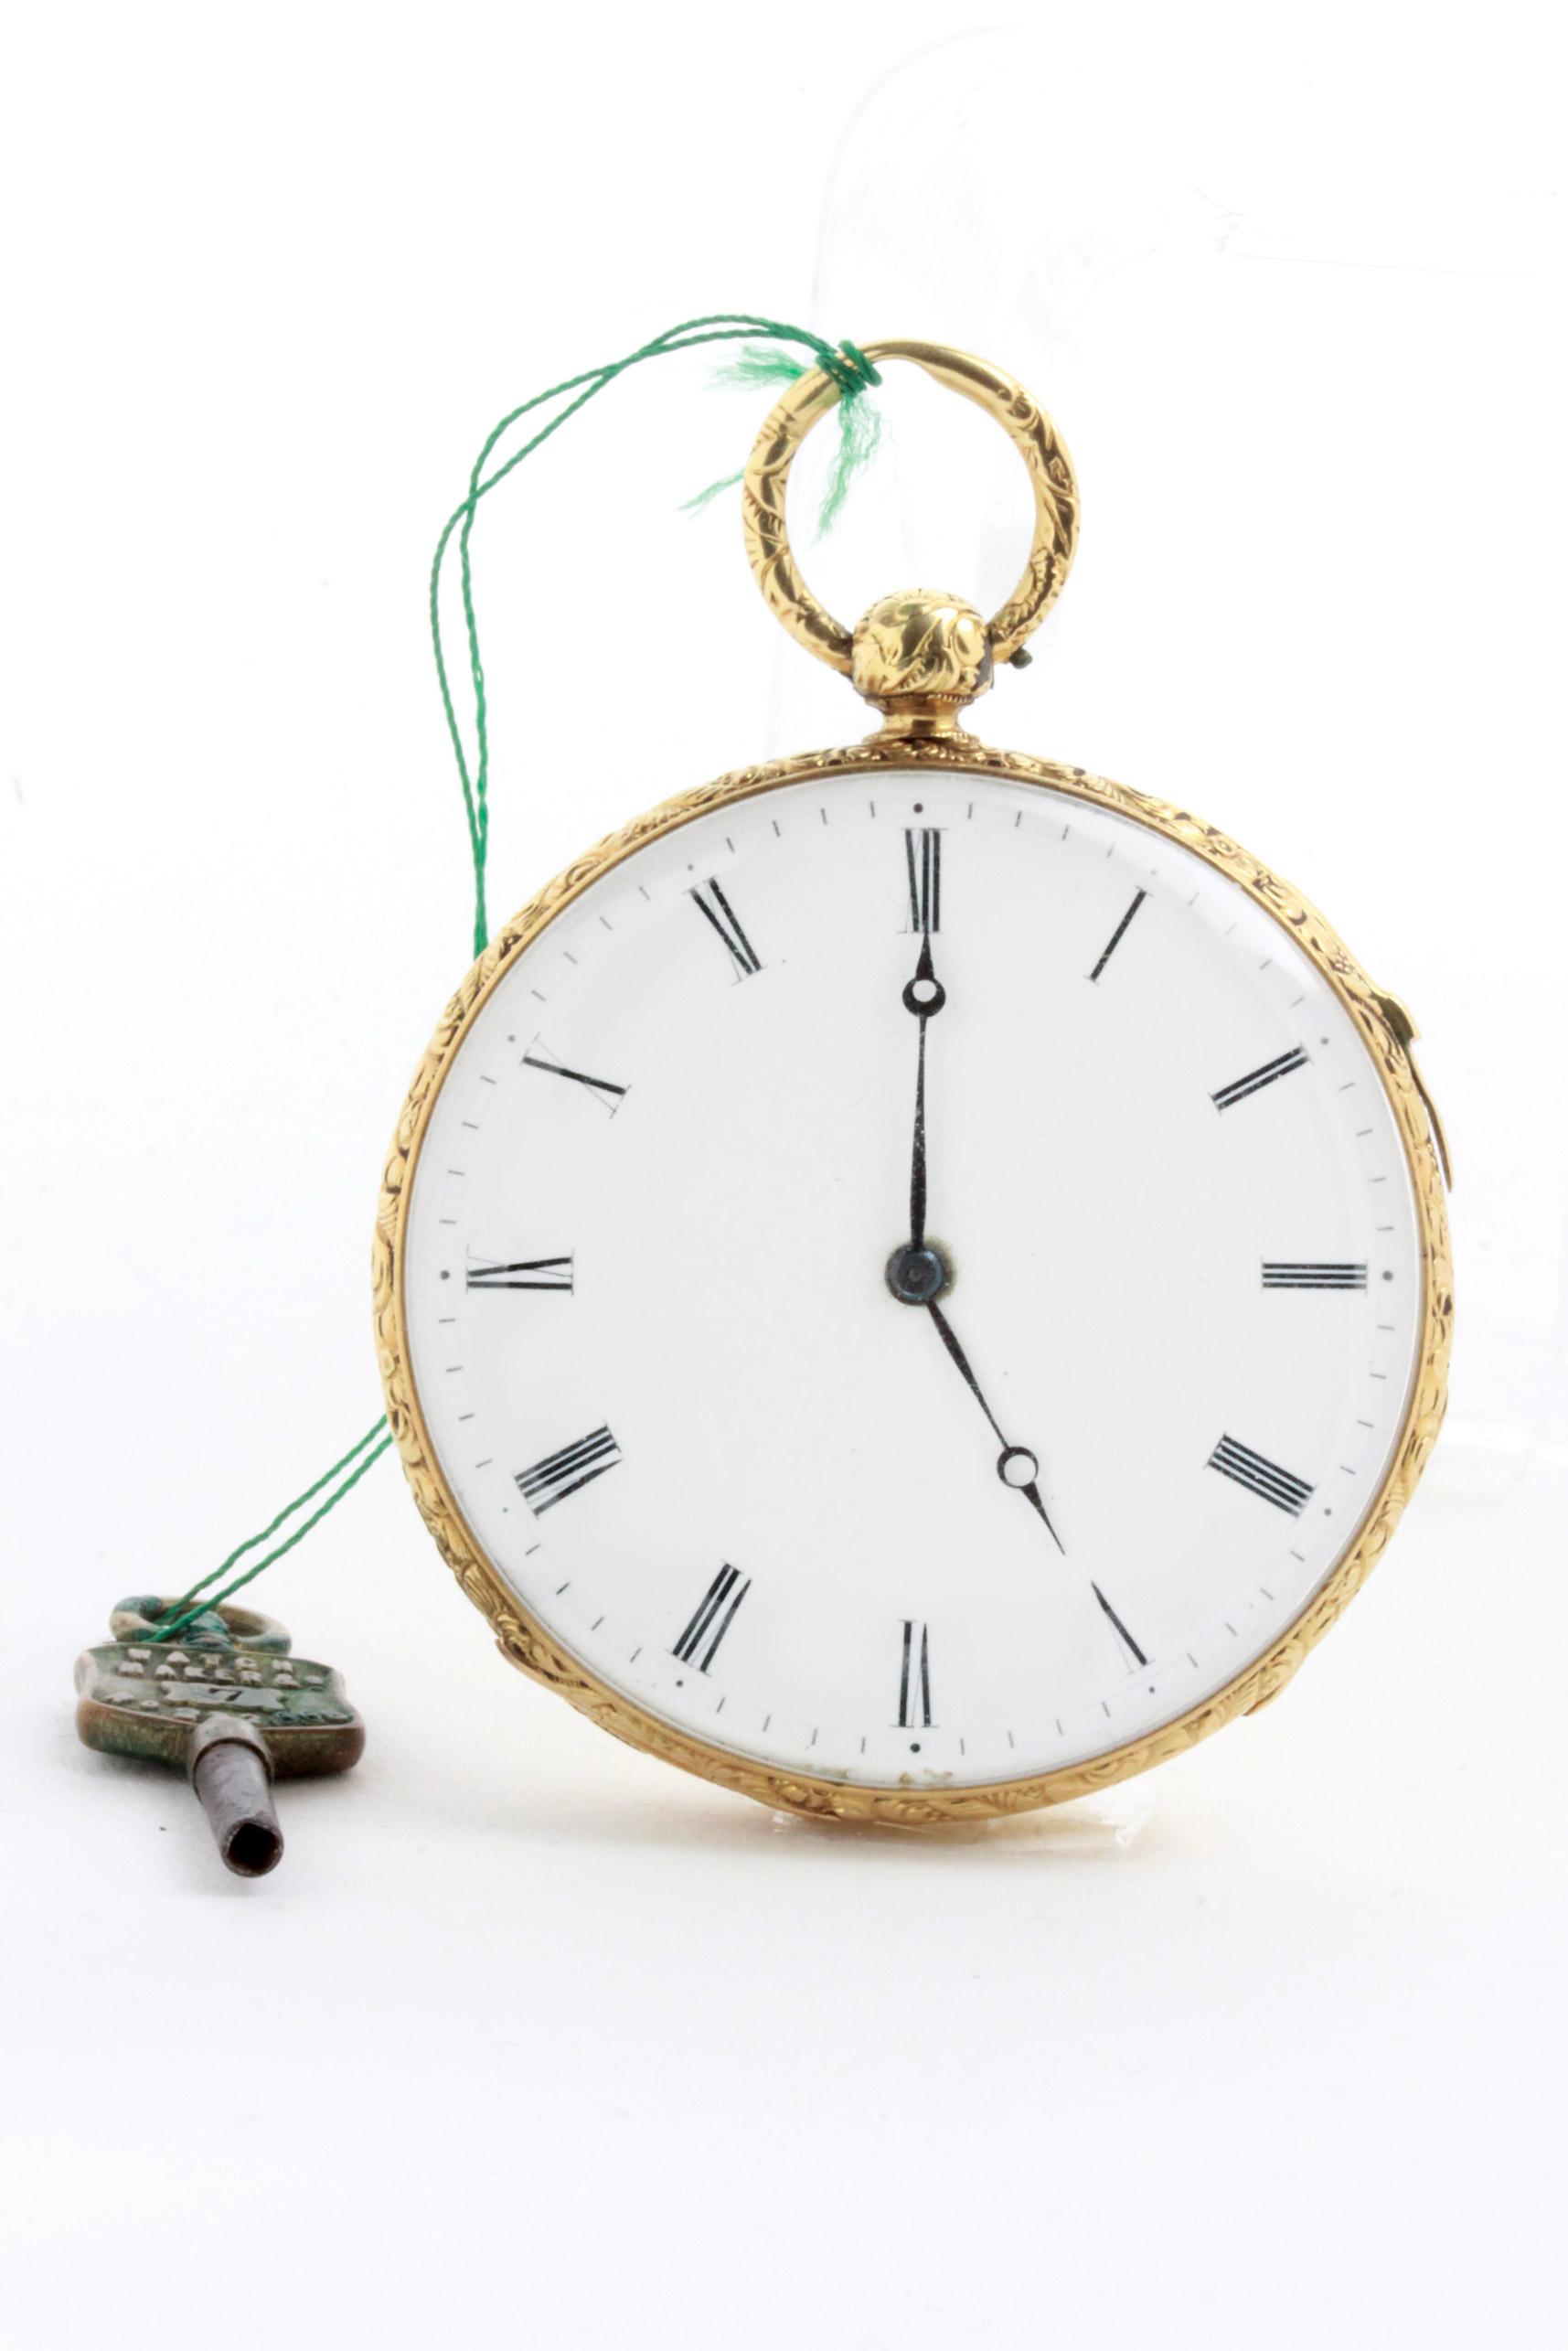 D/ HUIT orologio da tasca con ripetizione ore e quarti , , 43 mm. HUIT orologio da tasca con ripetizione ore e quarti  (seriale 7927 4930). Cassa oro. 43 mm.